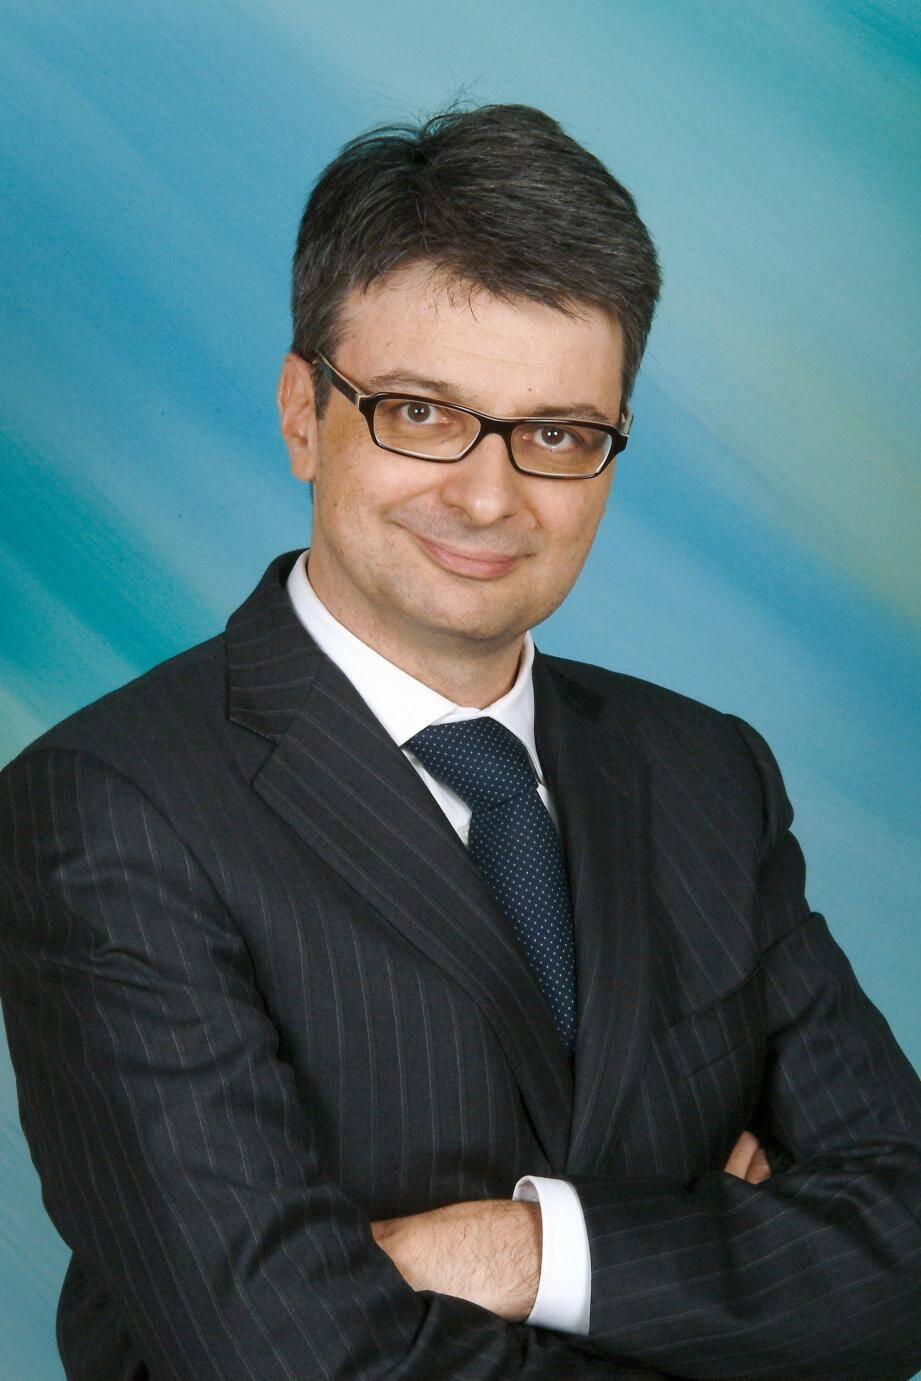 Noël Amenc, CEO de Scientific Beta, est à l'origine de la stratégie de valorisation de la recherche de l'Edhec.(D.R.)